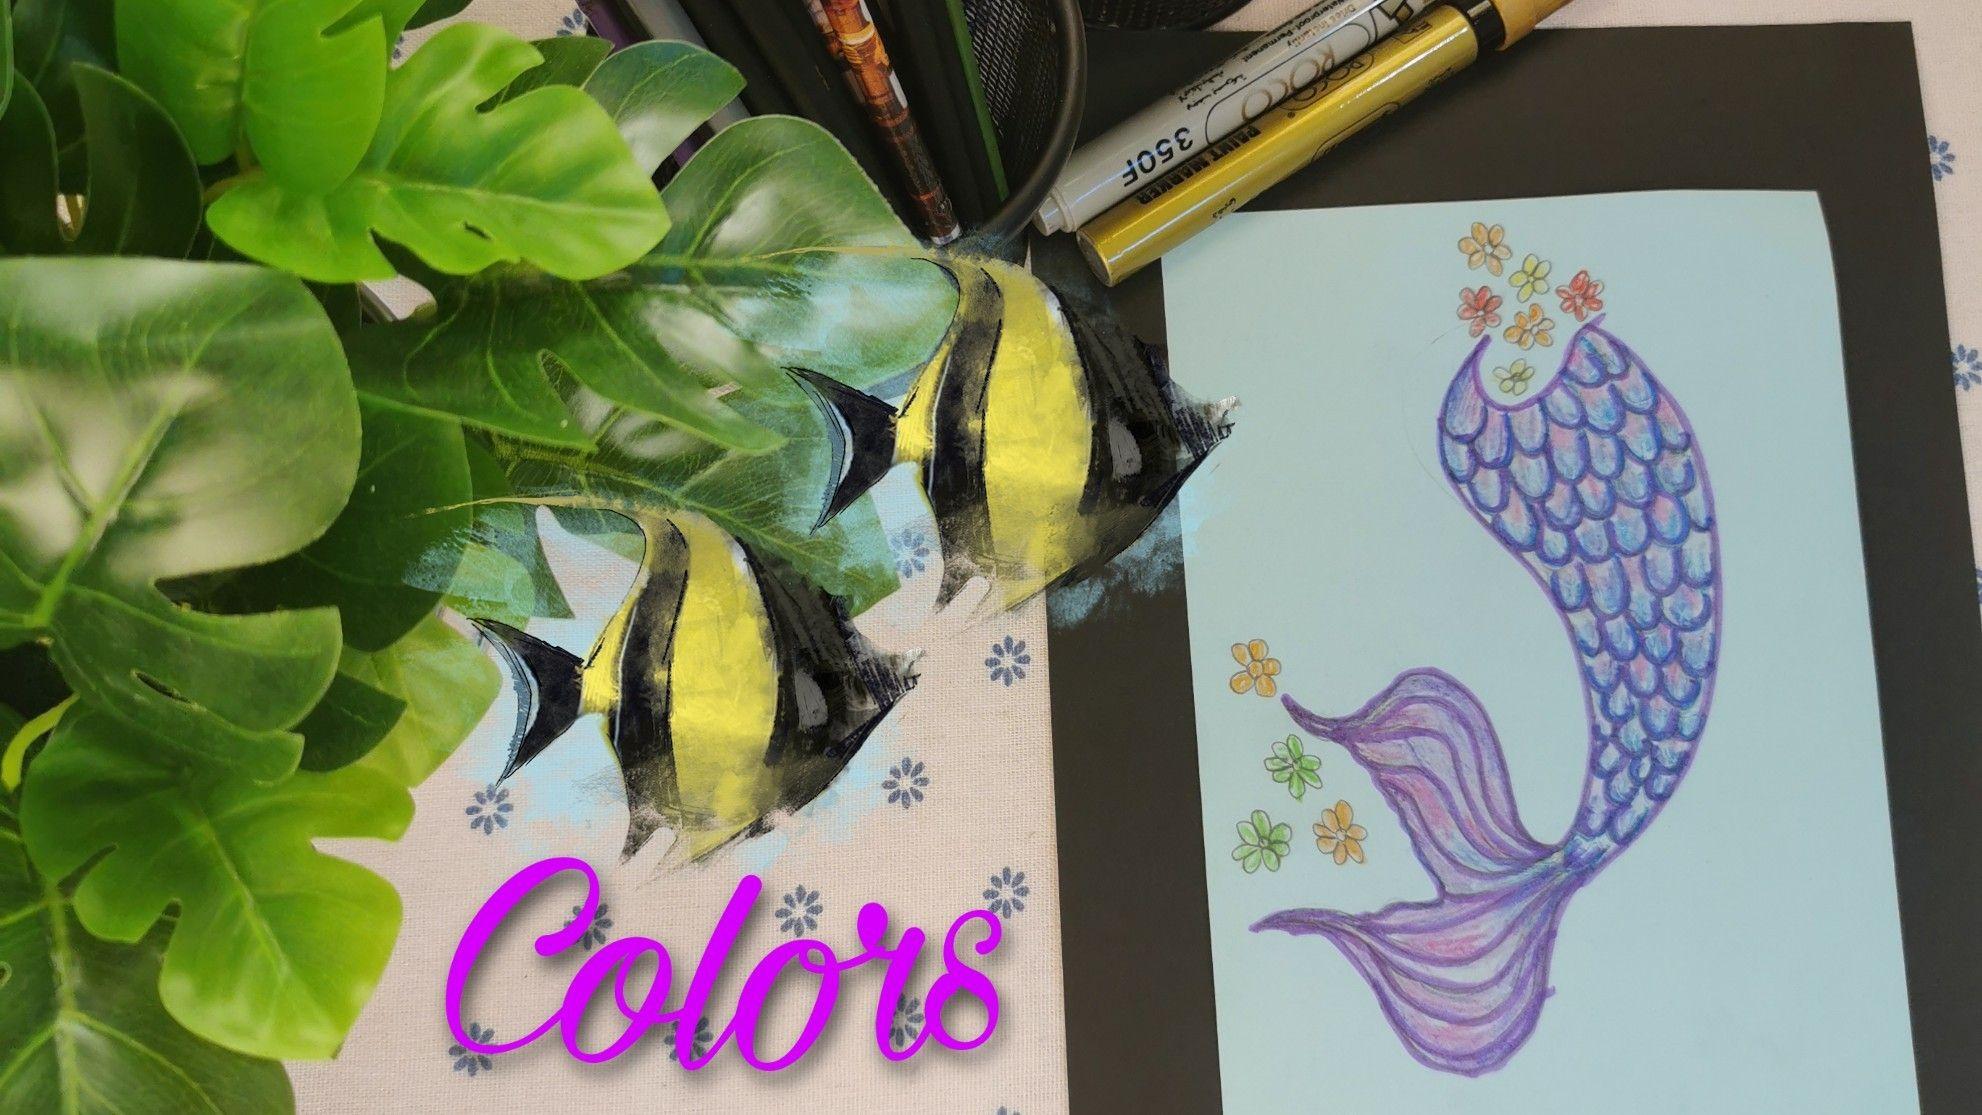 تلوين ذيل عروسة البحر Colorful Drawings Drawings Color